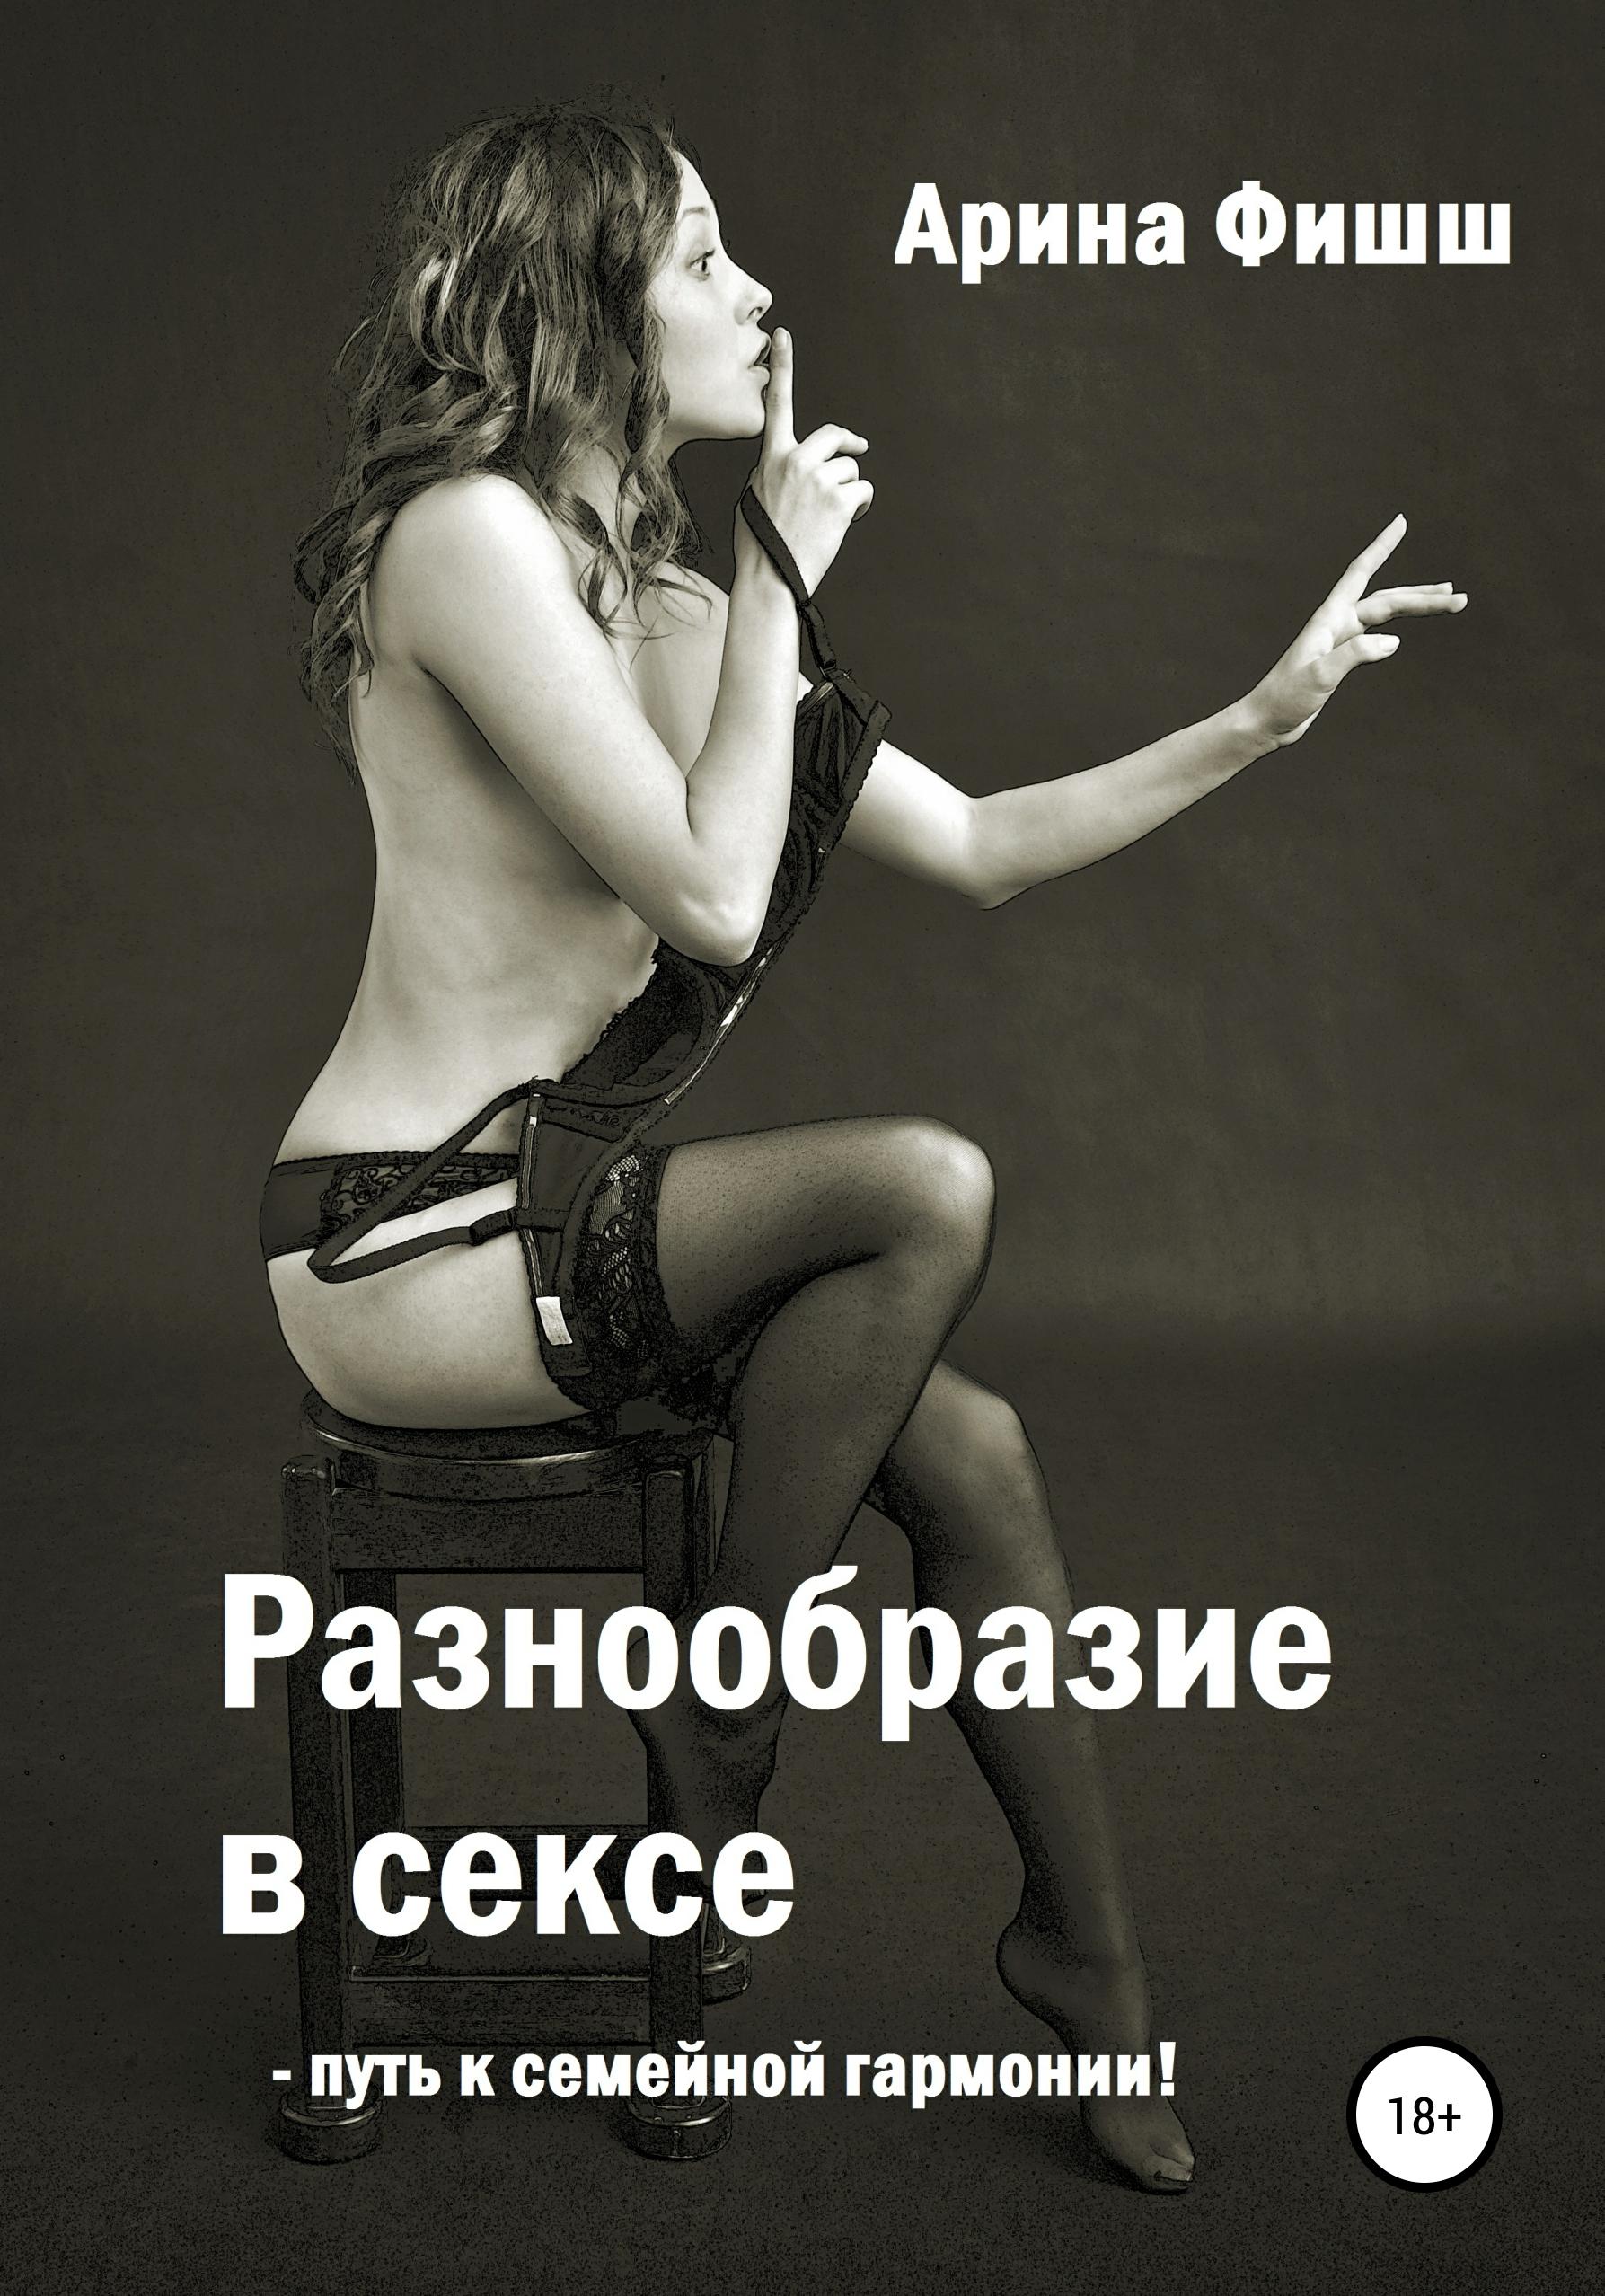 Купить книгу Разнообразие в сексе – путь к семейной гармонии!, автора Арины Яновны Фишш